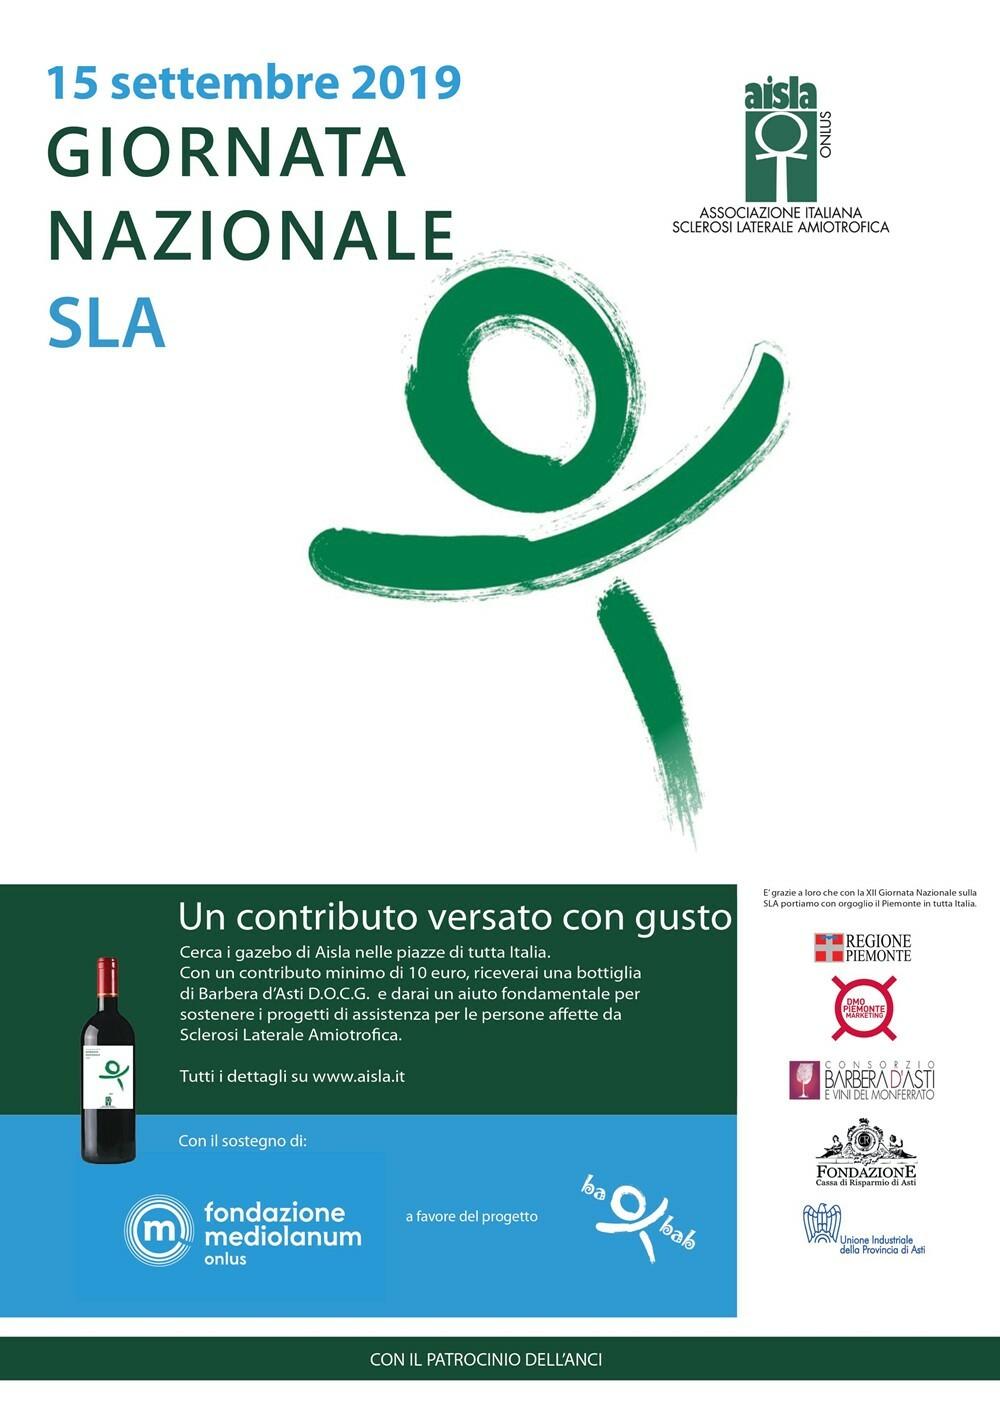 Giornata Nazionale SLA 2019 Il 15 settembre l'evento nazionale di sensibilizzazione e raccolta fondi